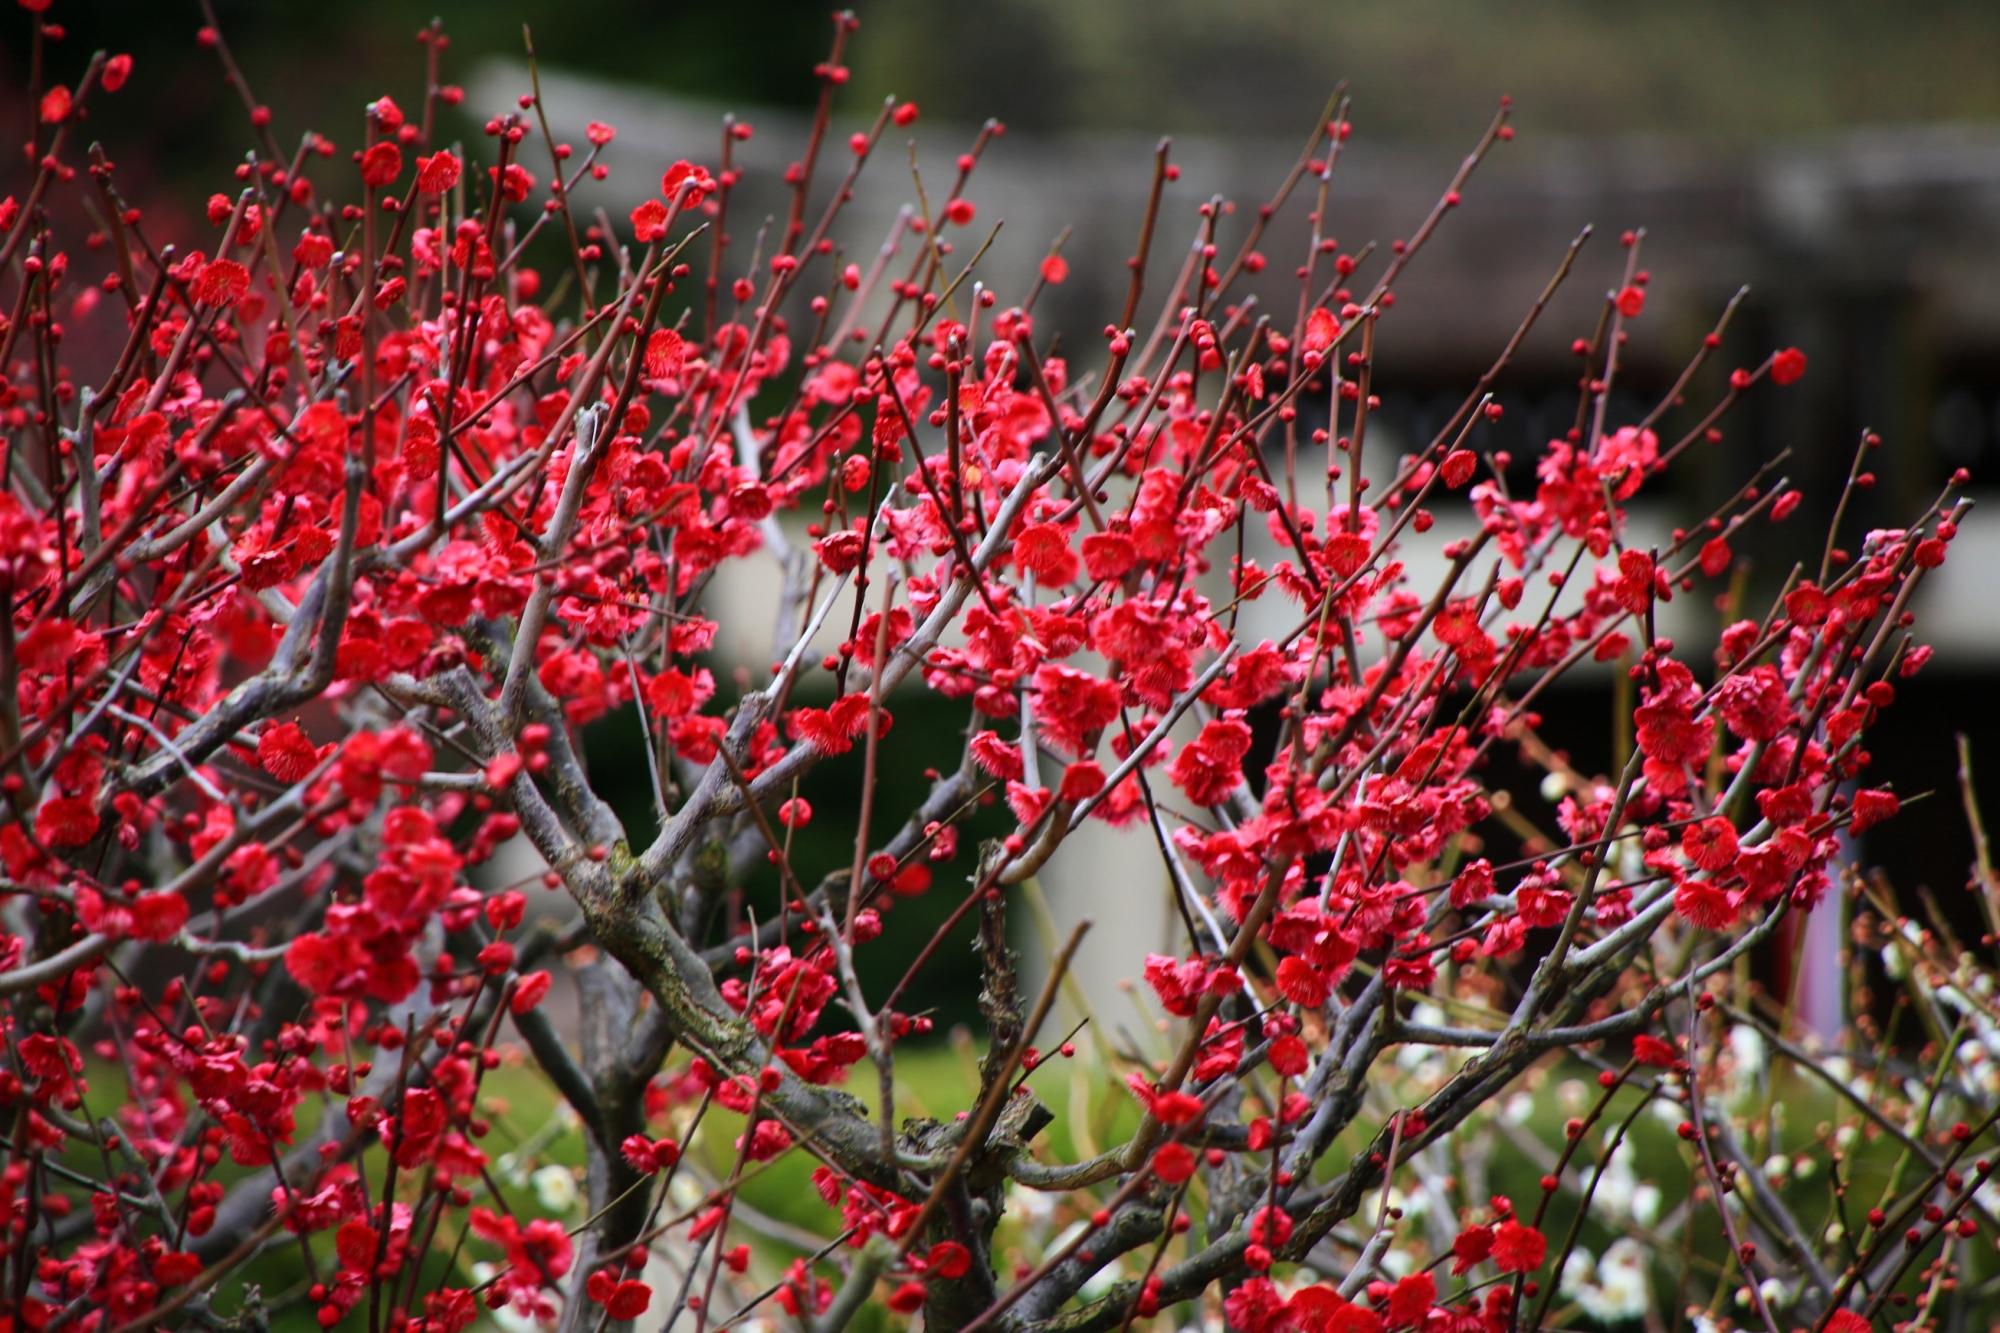 鮮やかで鮮烈な赤い梅の花